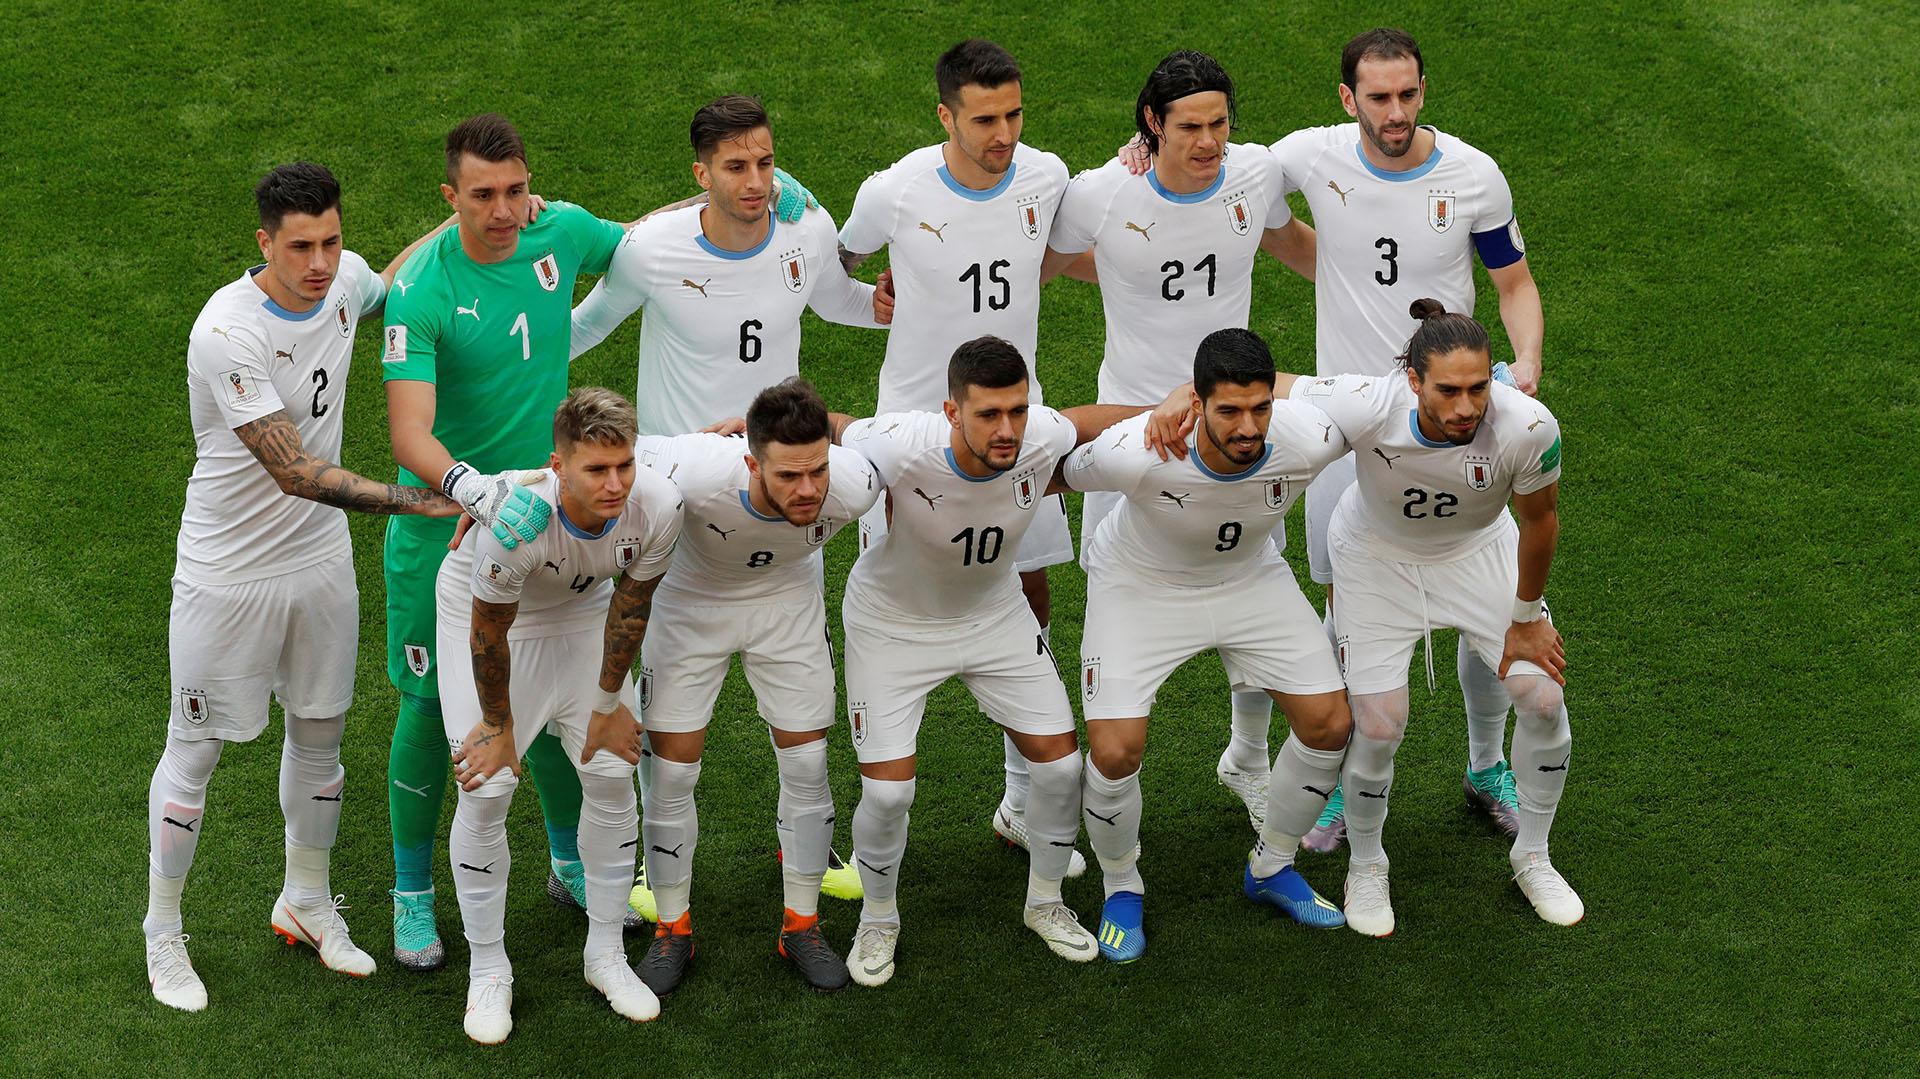 La formación de Uruguay en su primer partido